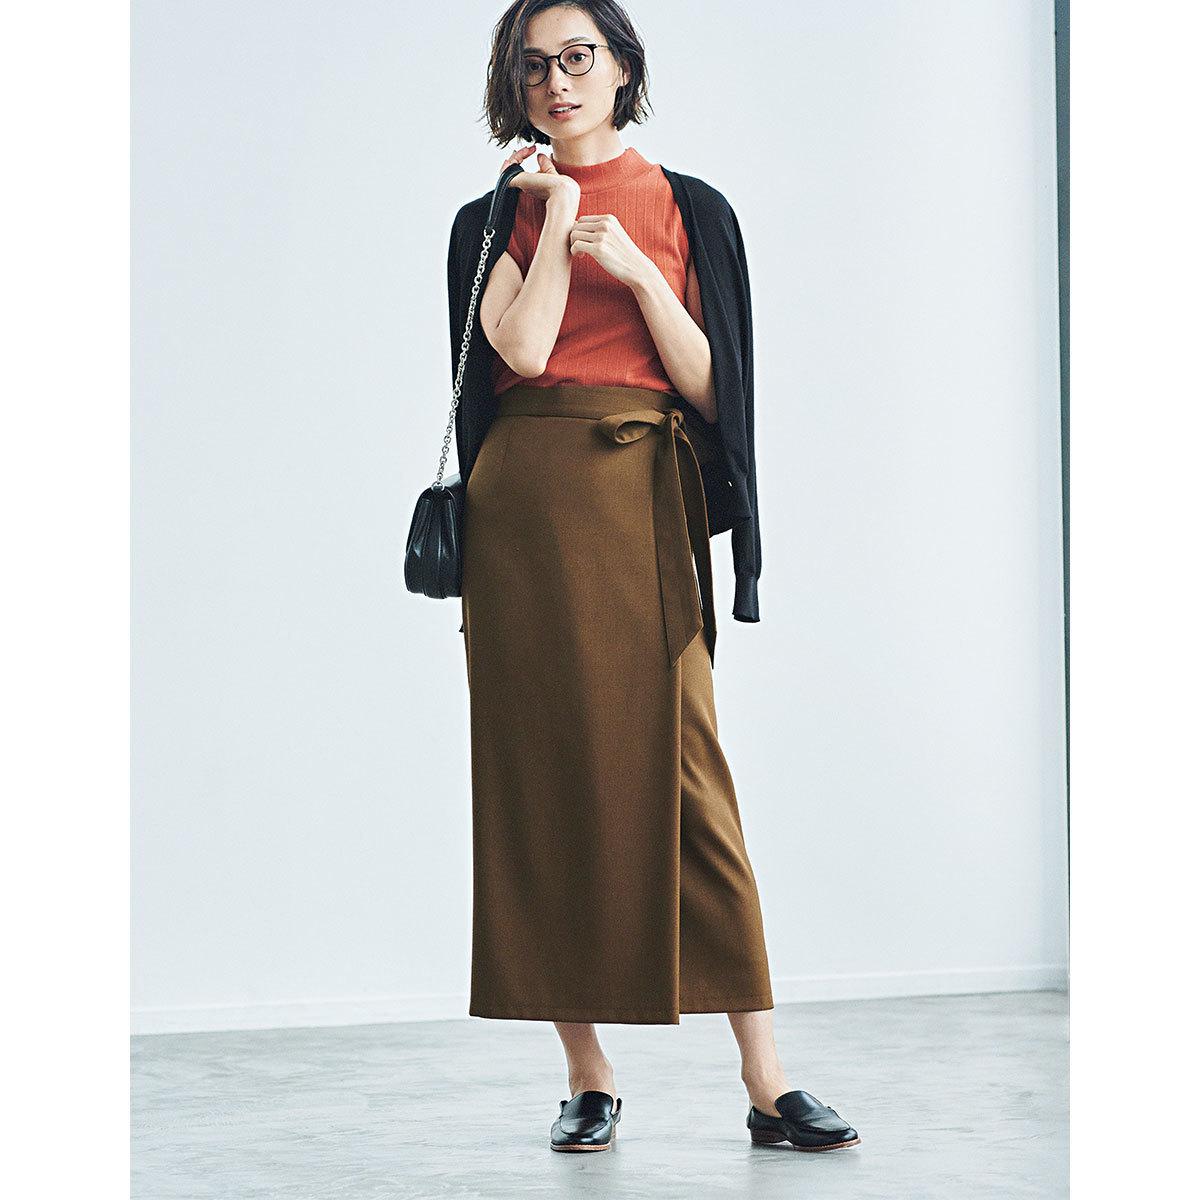 平均気温25度の初秋にベストな服装は? 季節の変わり目に着たいコーデ|40代ファッションまとめ_1_7